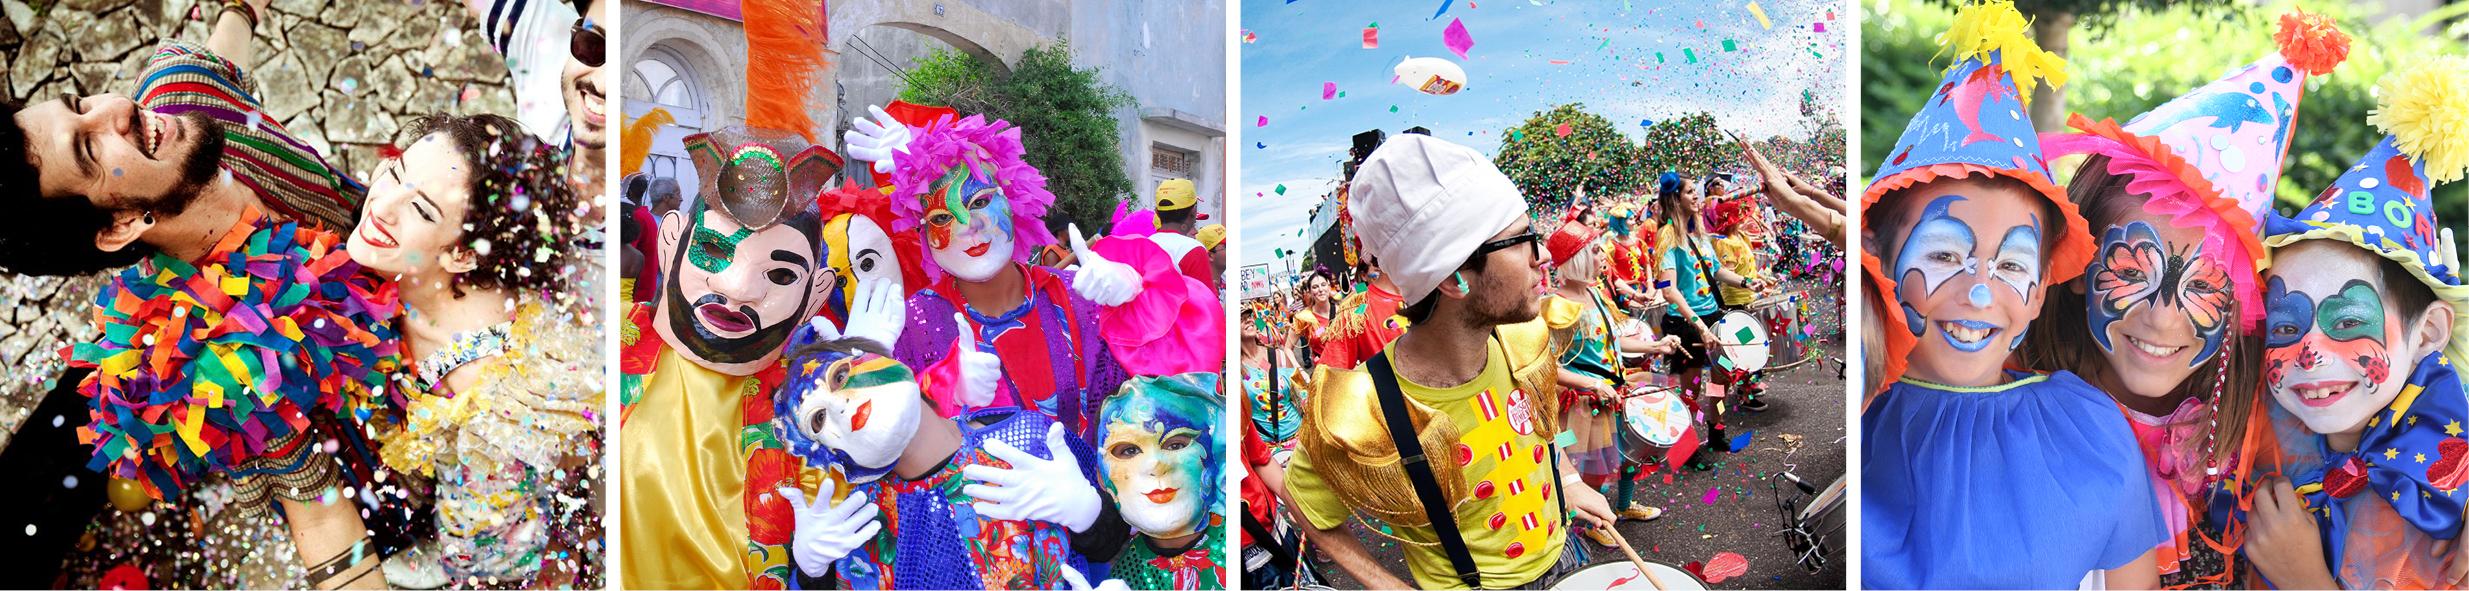 Bandeau - Carnaval.jpg